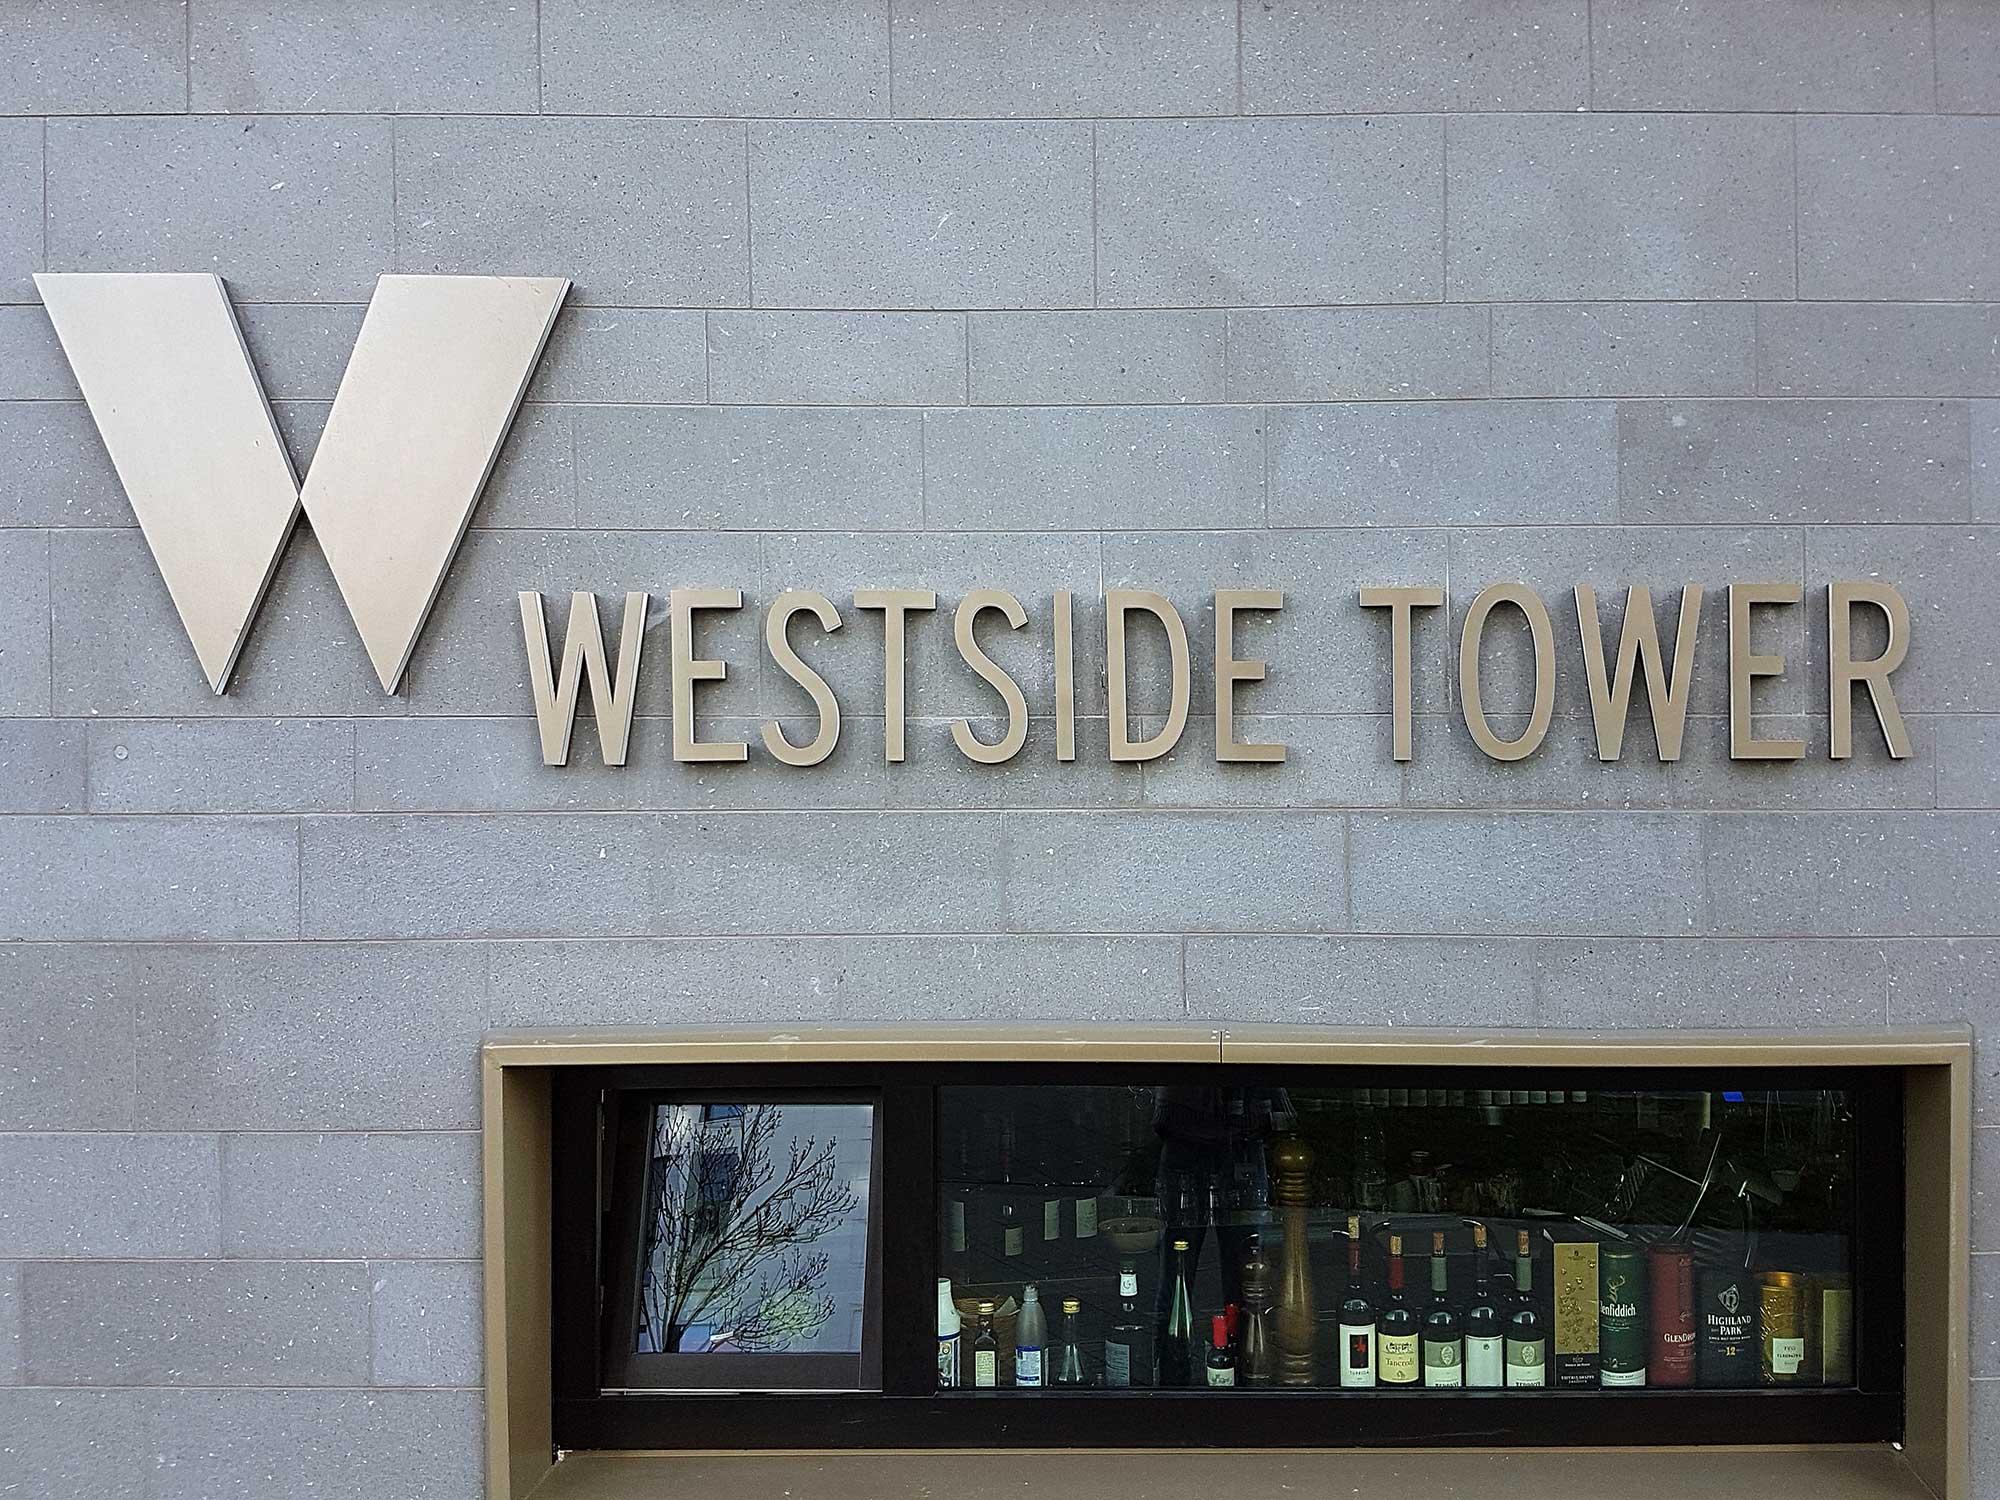 Westside Tower Europa Viertel - Logo und Fenster - Fassade